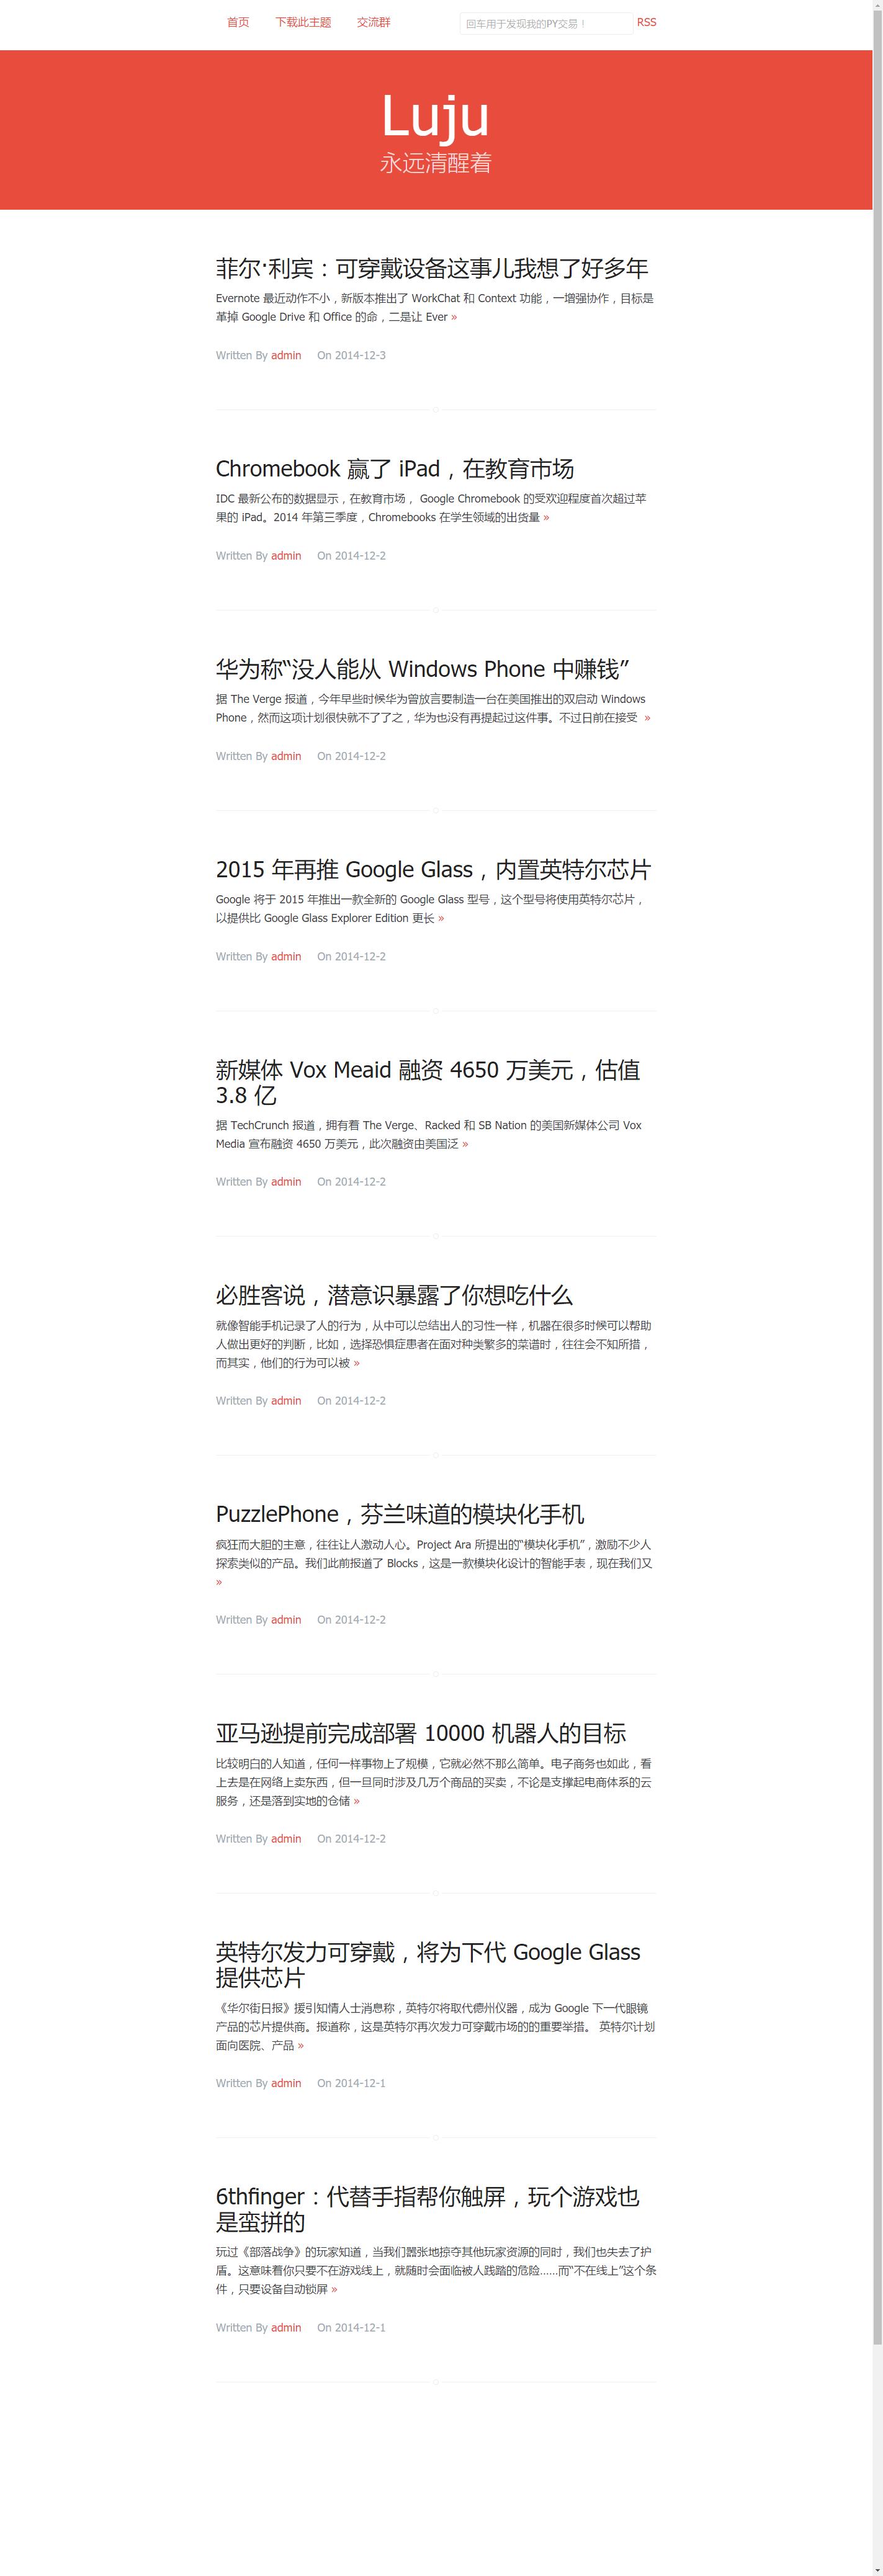 国人原创简洁响应式WordPress主题:Luju